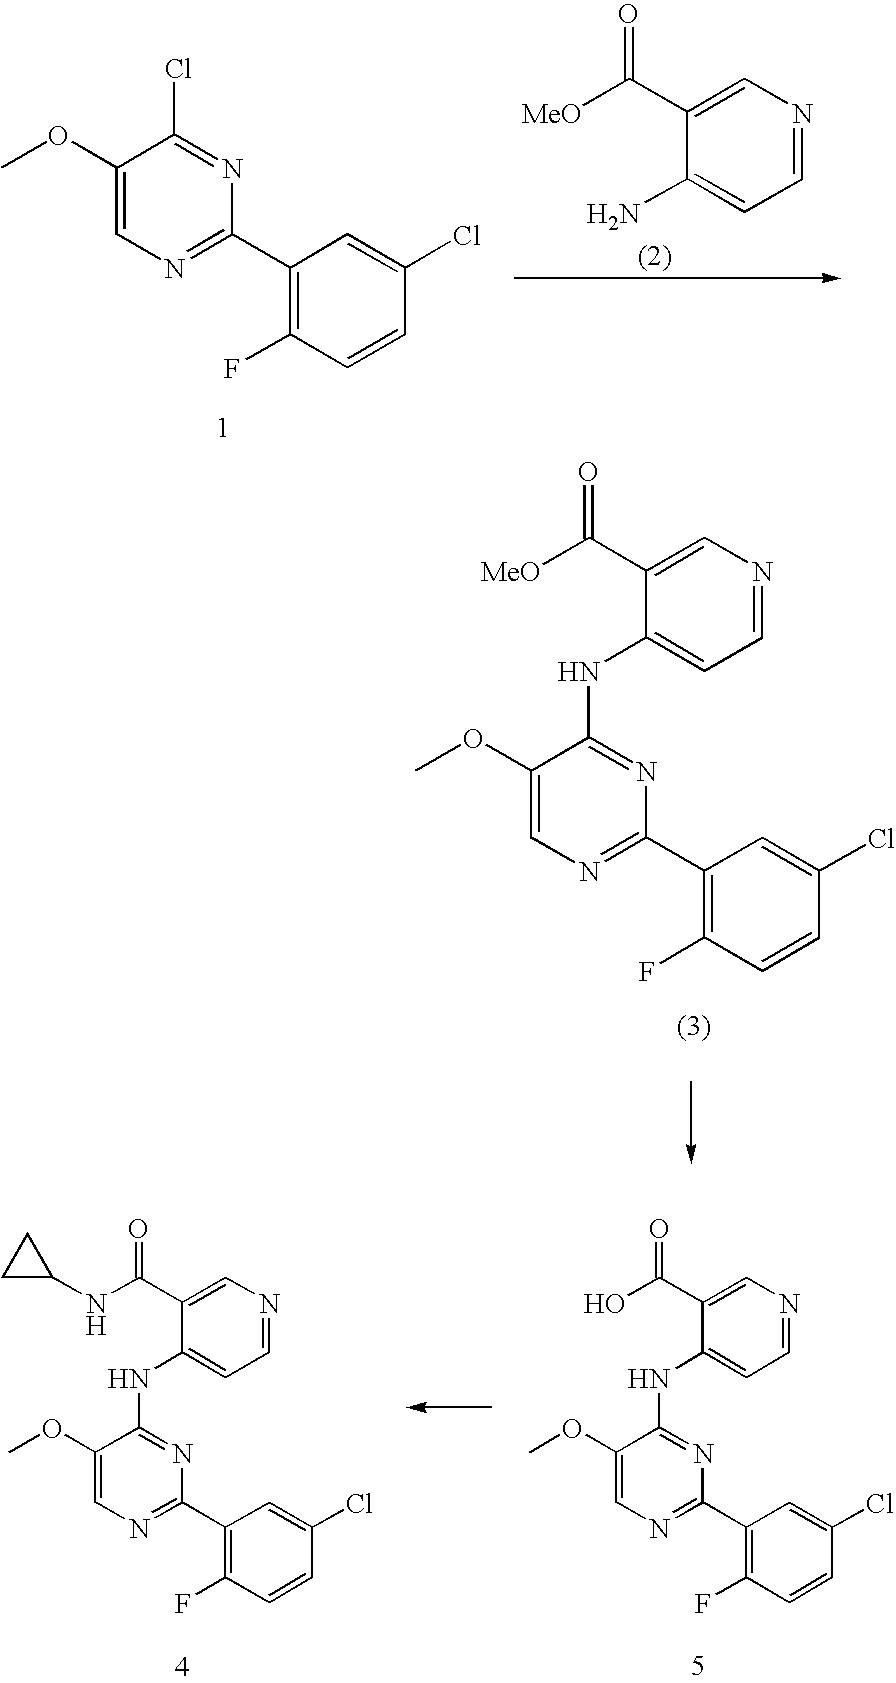 Figure US20060281763A1-20061214-C00029